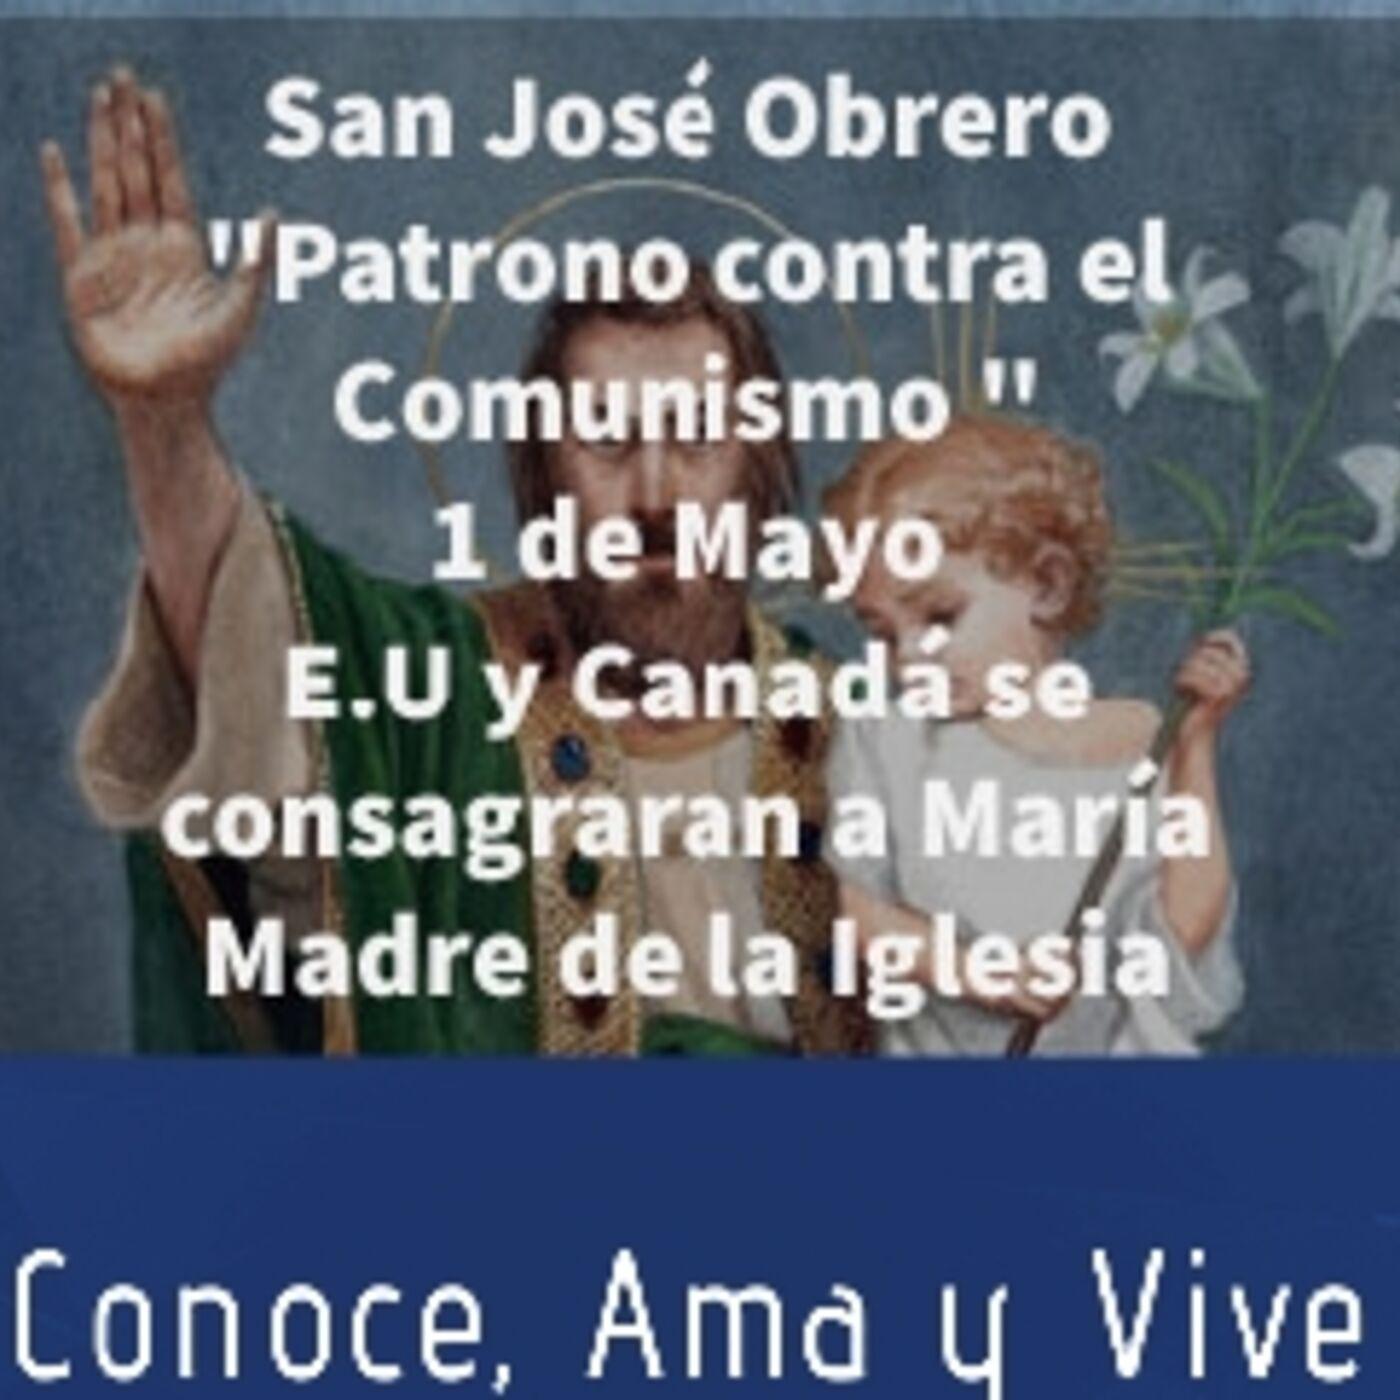 Episodio 247: 👊 Contra el Comunismo San José Obrero 🙏 E.U. y Canadá se consagraran a María Madre de la Iglesia